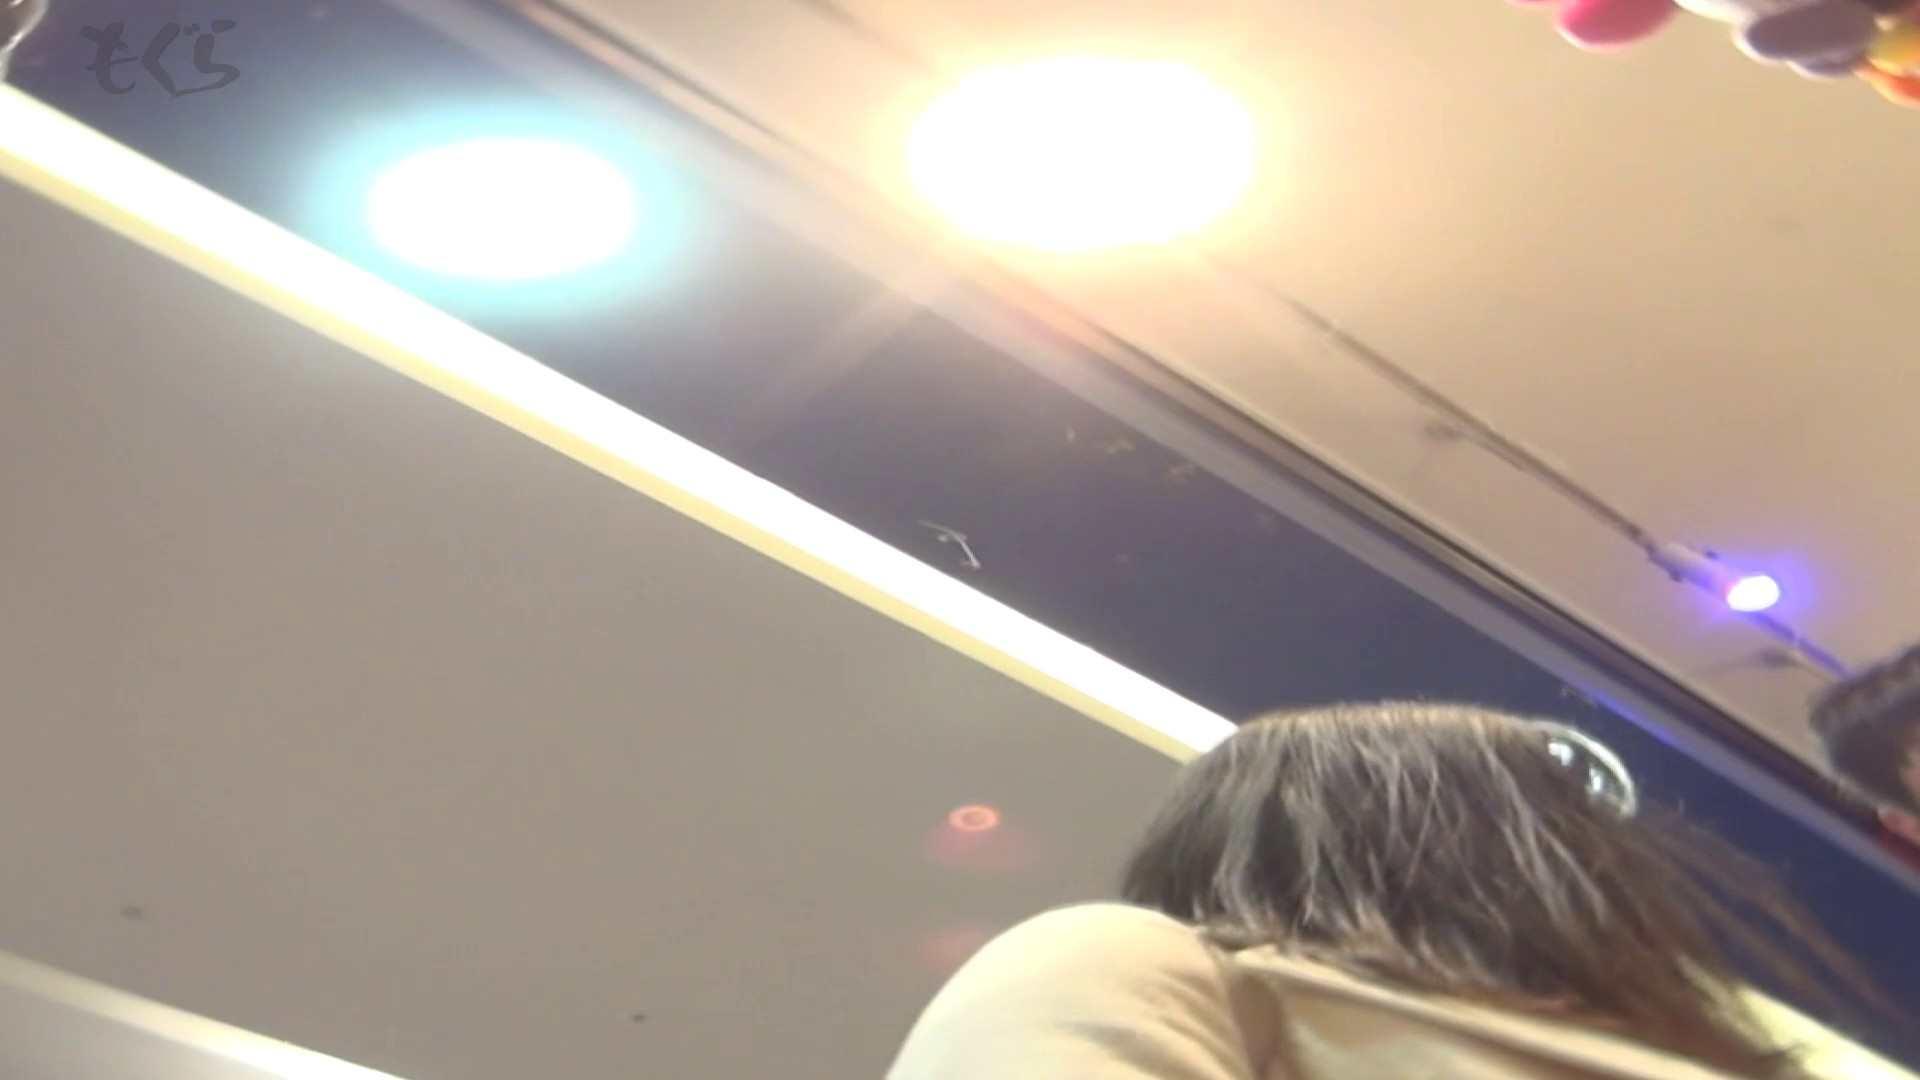 無修正エロ動画|隣からNo8黒髪清楚系のムッチリ美女|怪盗ジョーカー